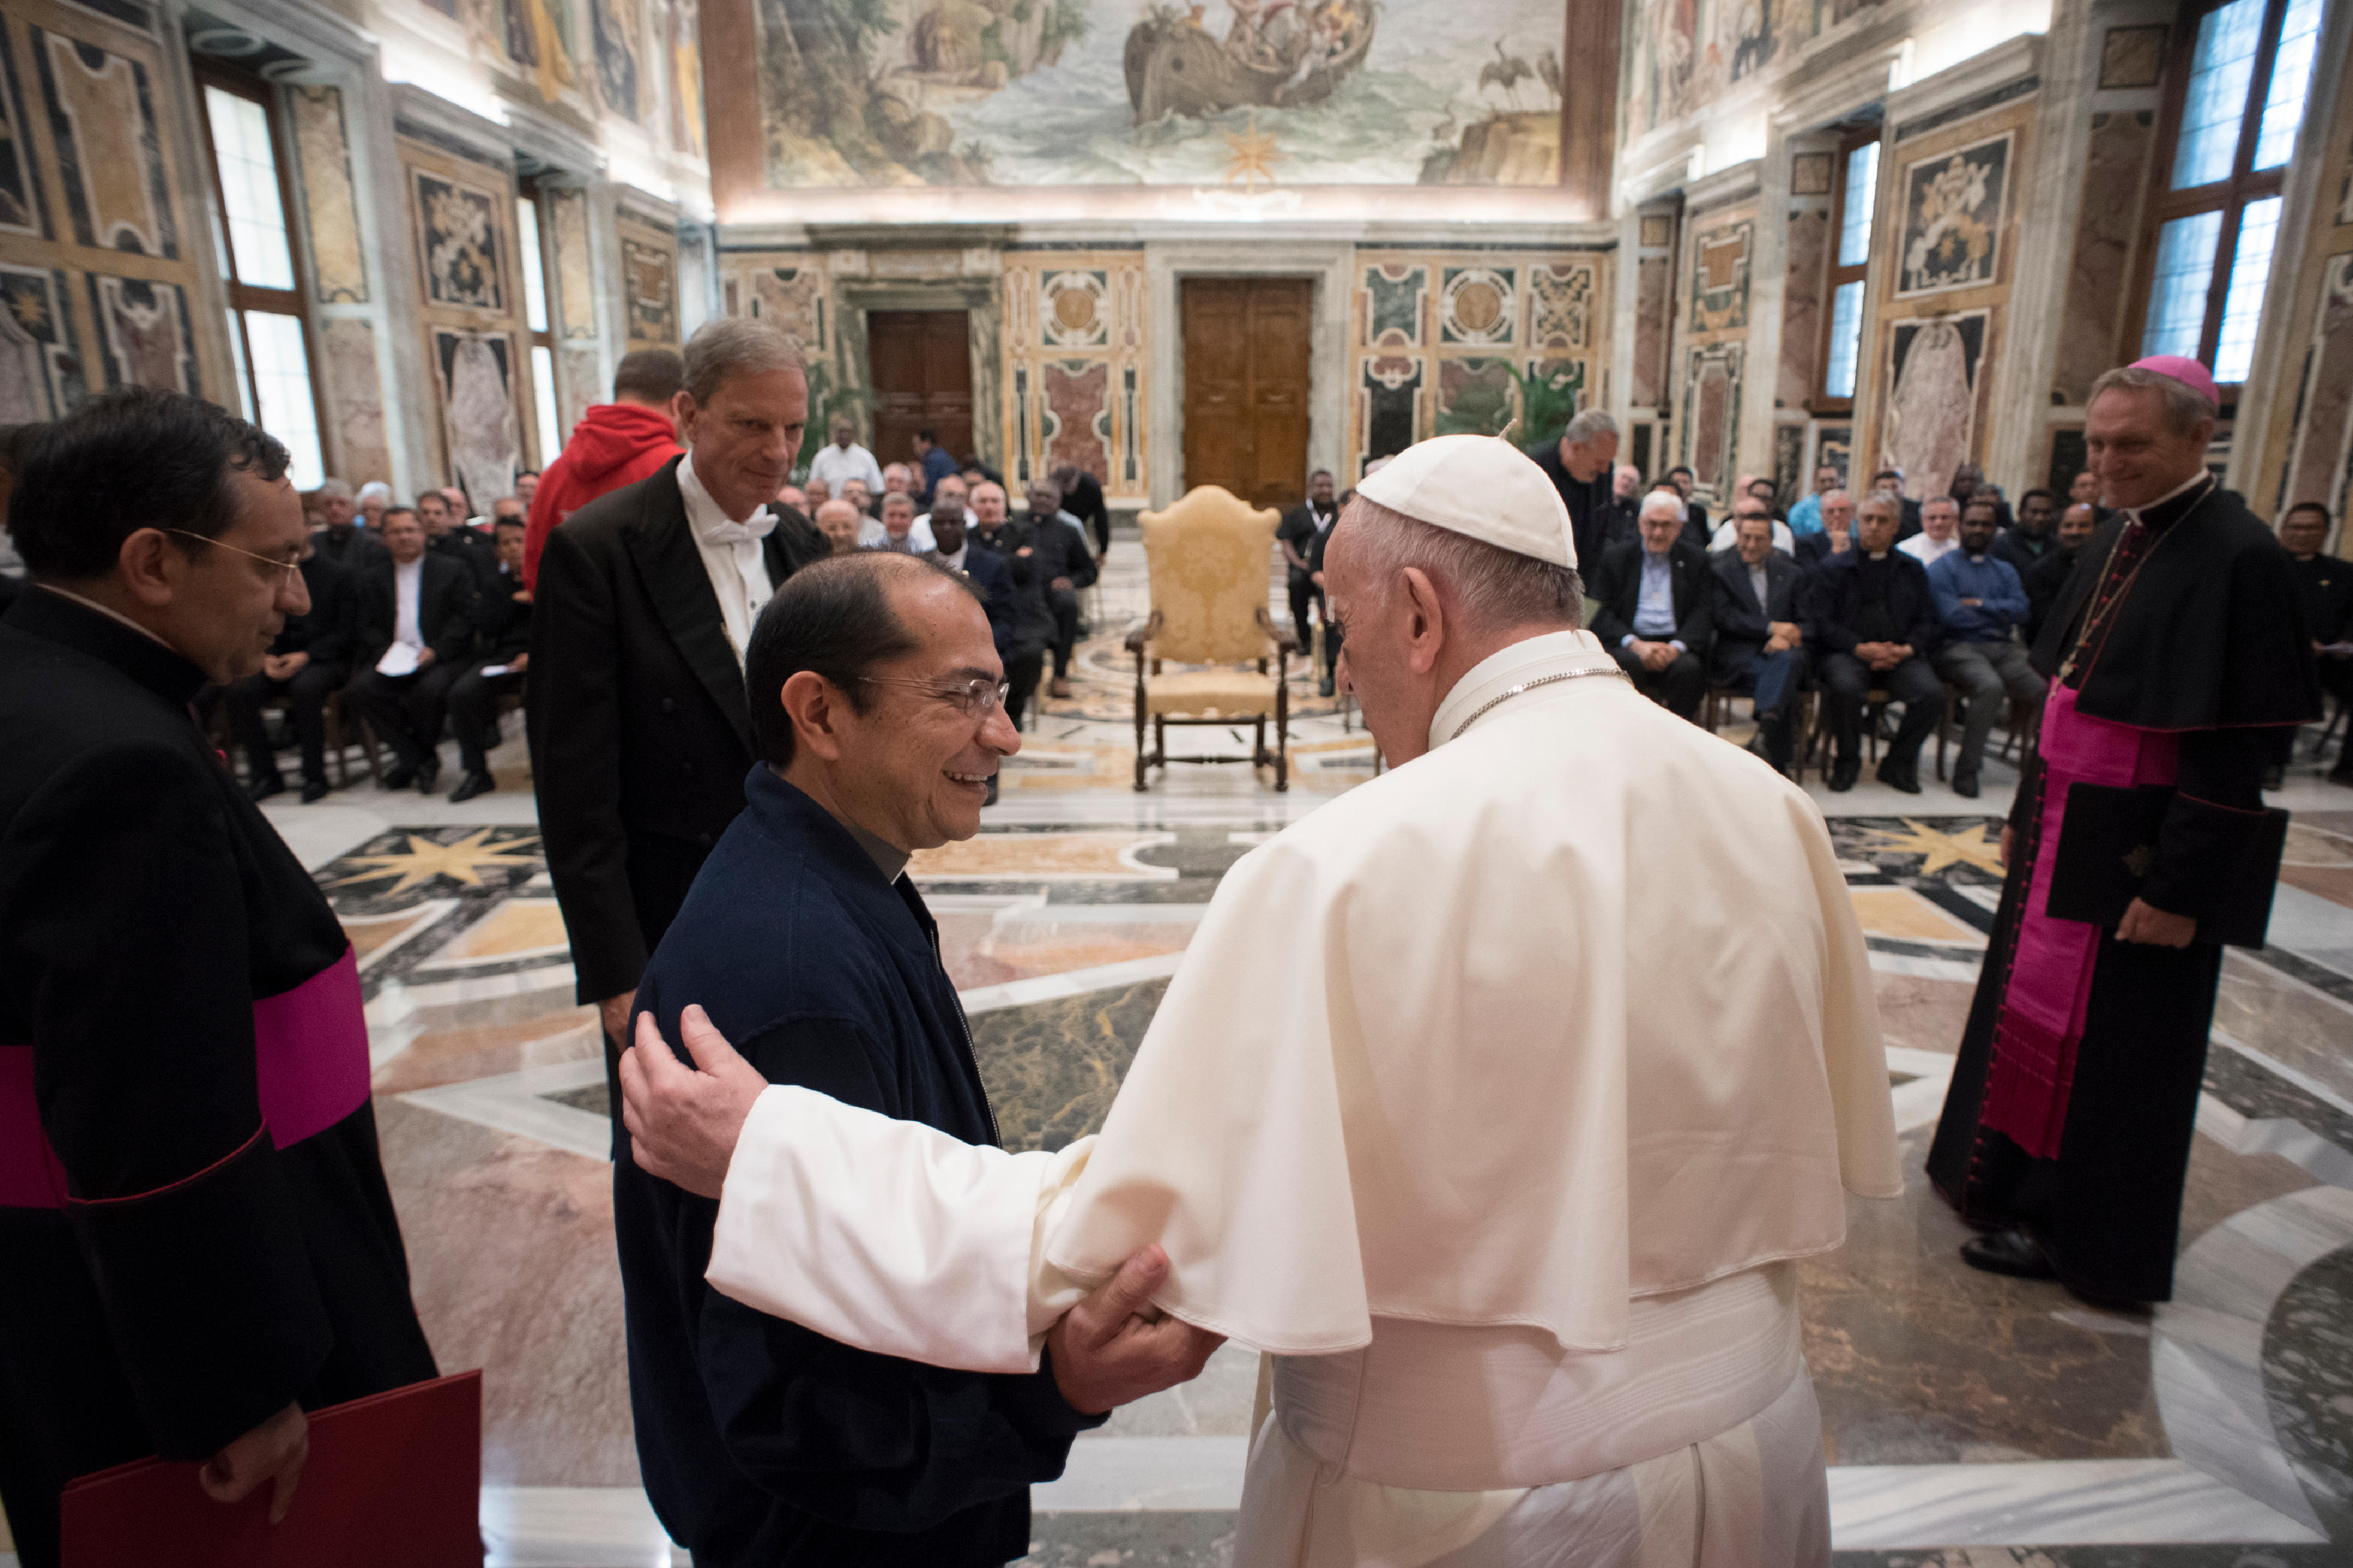 Le p. Abzalon Alvaro Tovar MSC salue le pape 16/09/2017 © L'Osservatore Romano